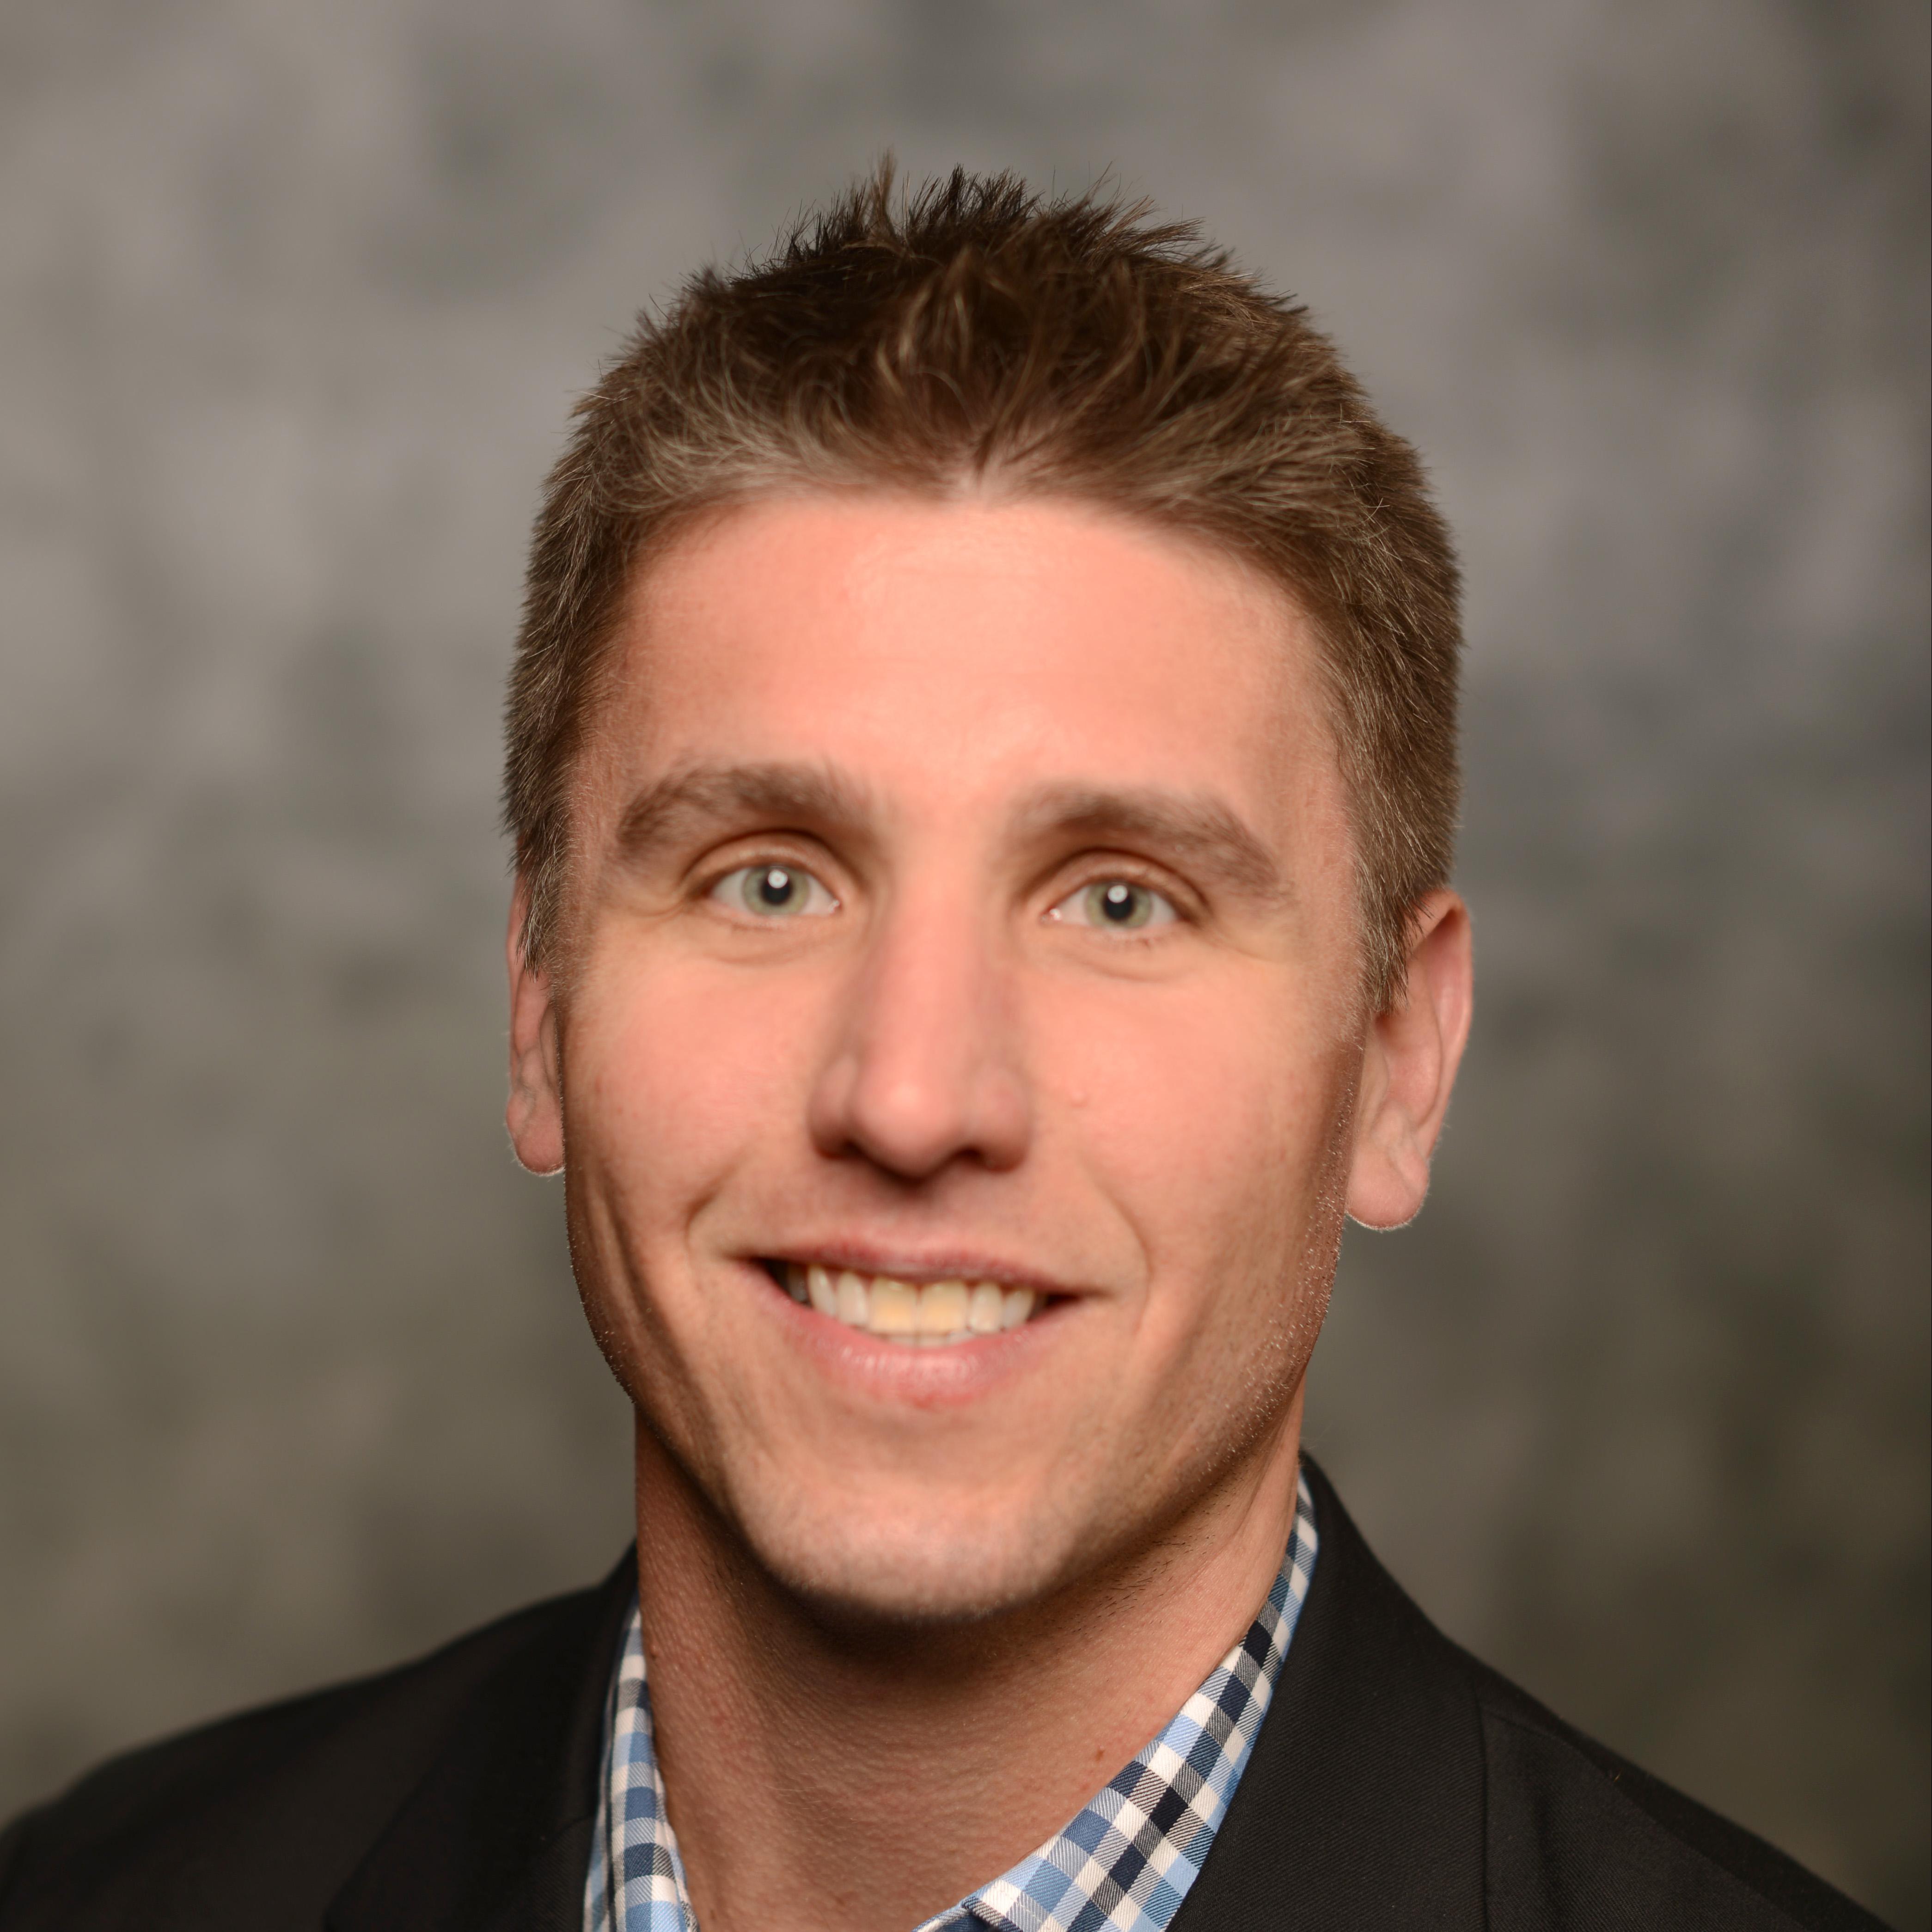 Greg Meinhardt